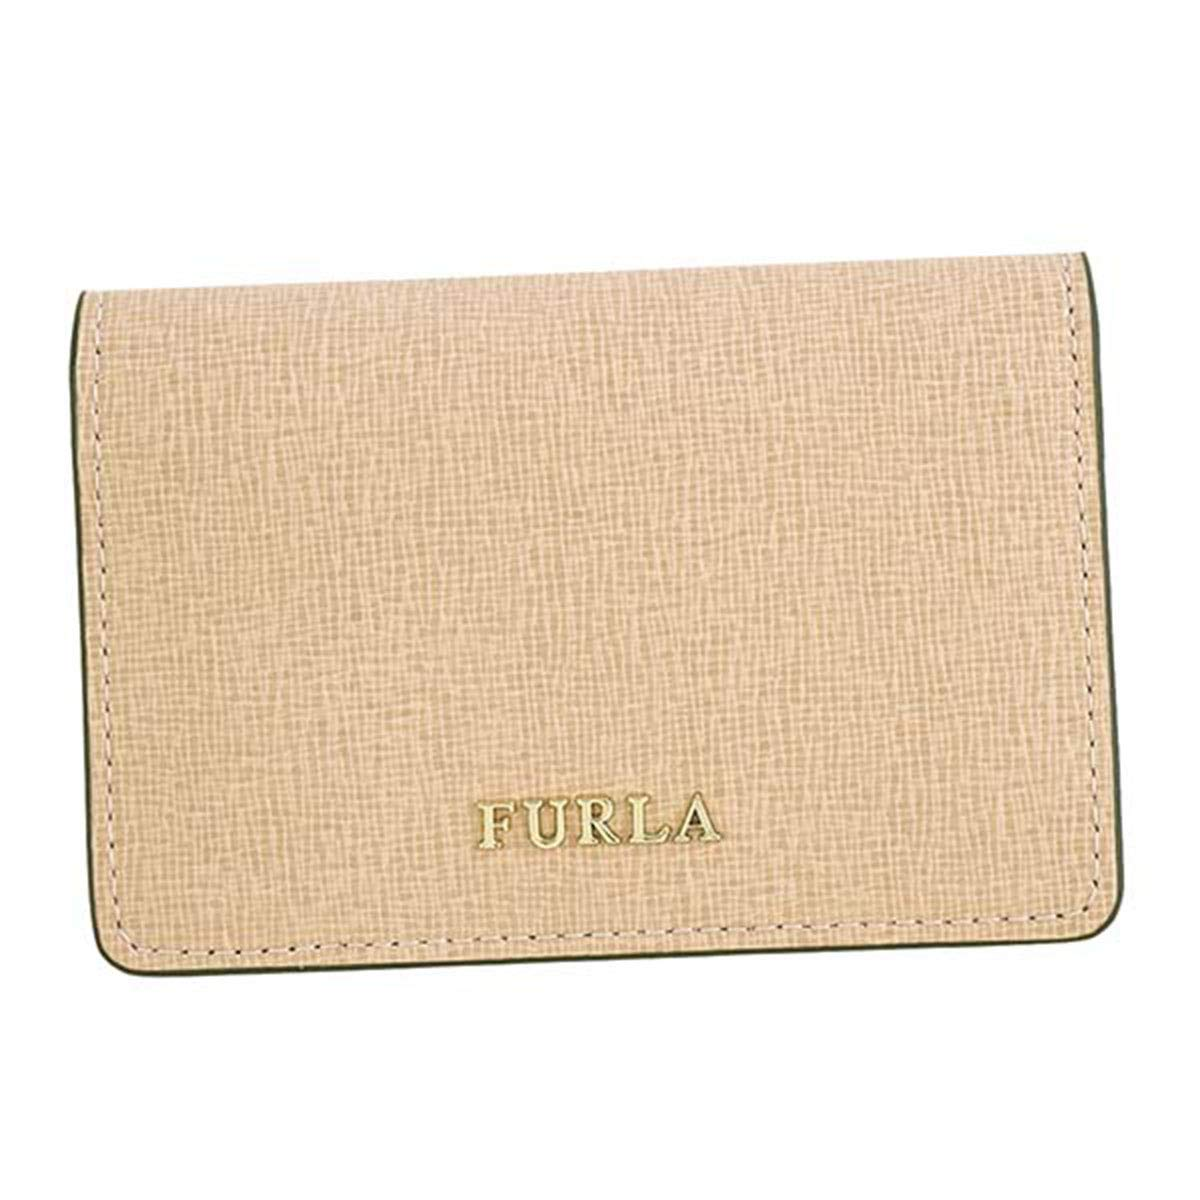 [フルラ] 名刺入れ バビロン ビジネス カードケース PS04 874992 ライトピンク系 [並行輸入品]   B07NXSBKKJ